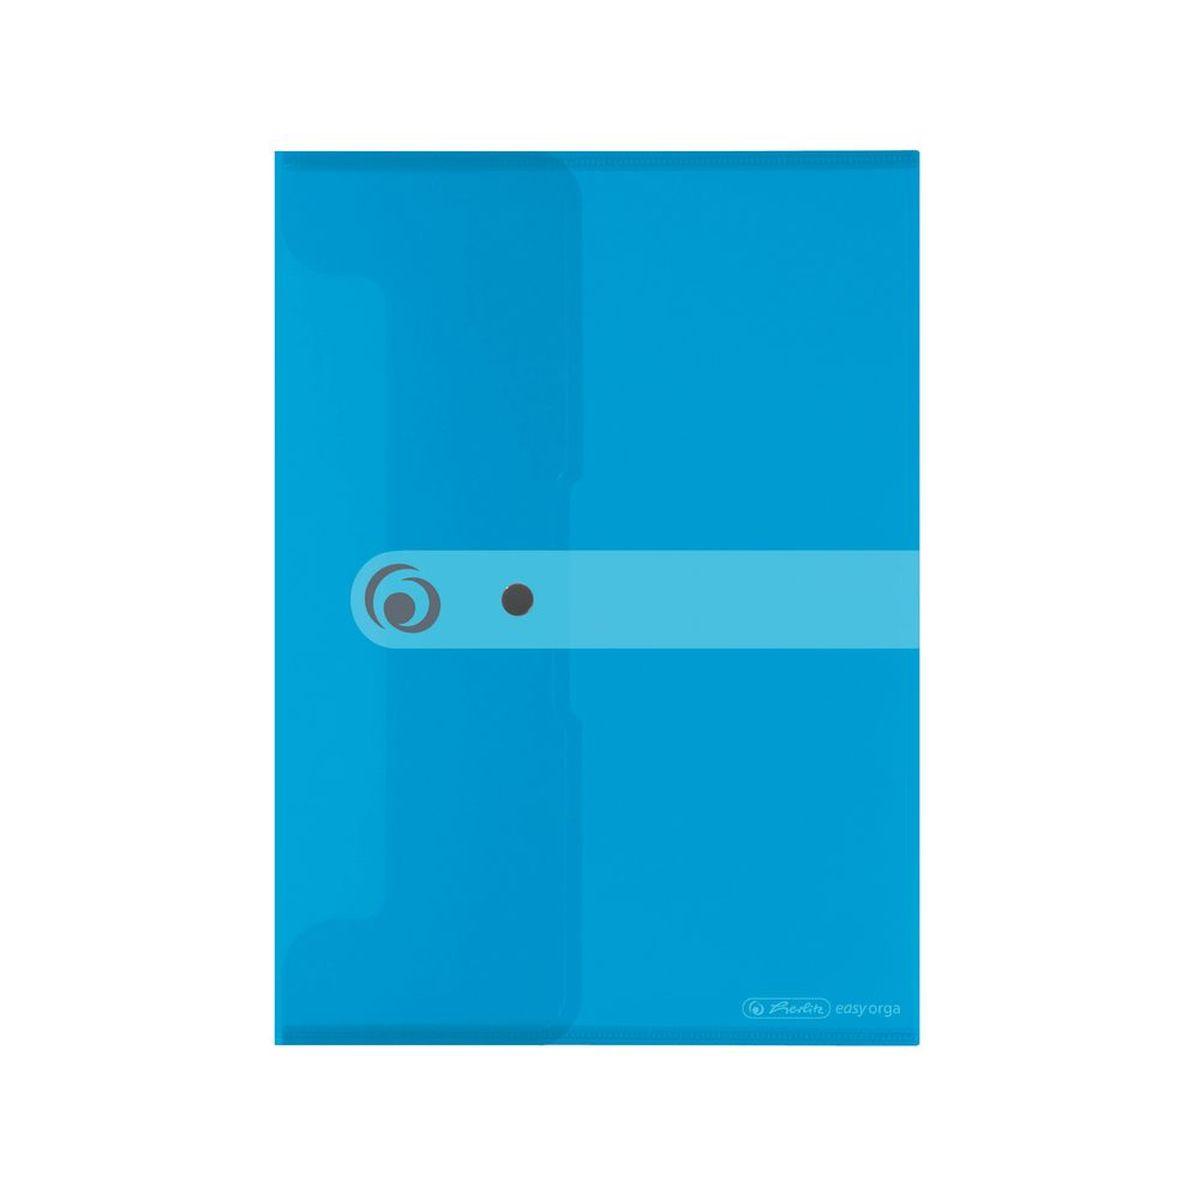 Herlitz Папка-конверт Easy orga формат A5 цвет синий11207065Папка-конверт для документов Herlitz Easy orga станет вашим верным помощником дома и в офисе.Это удобный и функциональный инструмент, предназначенный для хранения и транспортировки больших объемов рабочих бумаг и документов формата А5. Папка изготовлена из качественного полипропилена. Состоит из одного вместительного отделения. Закрывается папка просто и удобно - при помощи кнопки, которая ее надежно фиксирует.Папка - это незаменимый атрибут для любого студента, школьника или офисного работника. Такая папка надежно сохранит ваши бумаги и сбережет их от повреждений, пыли и влаги.